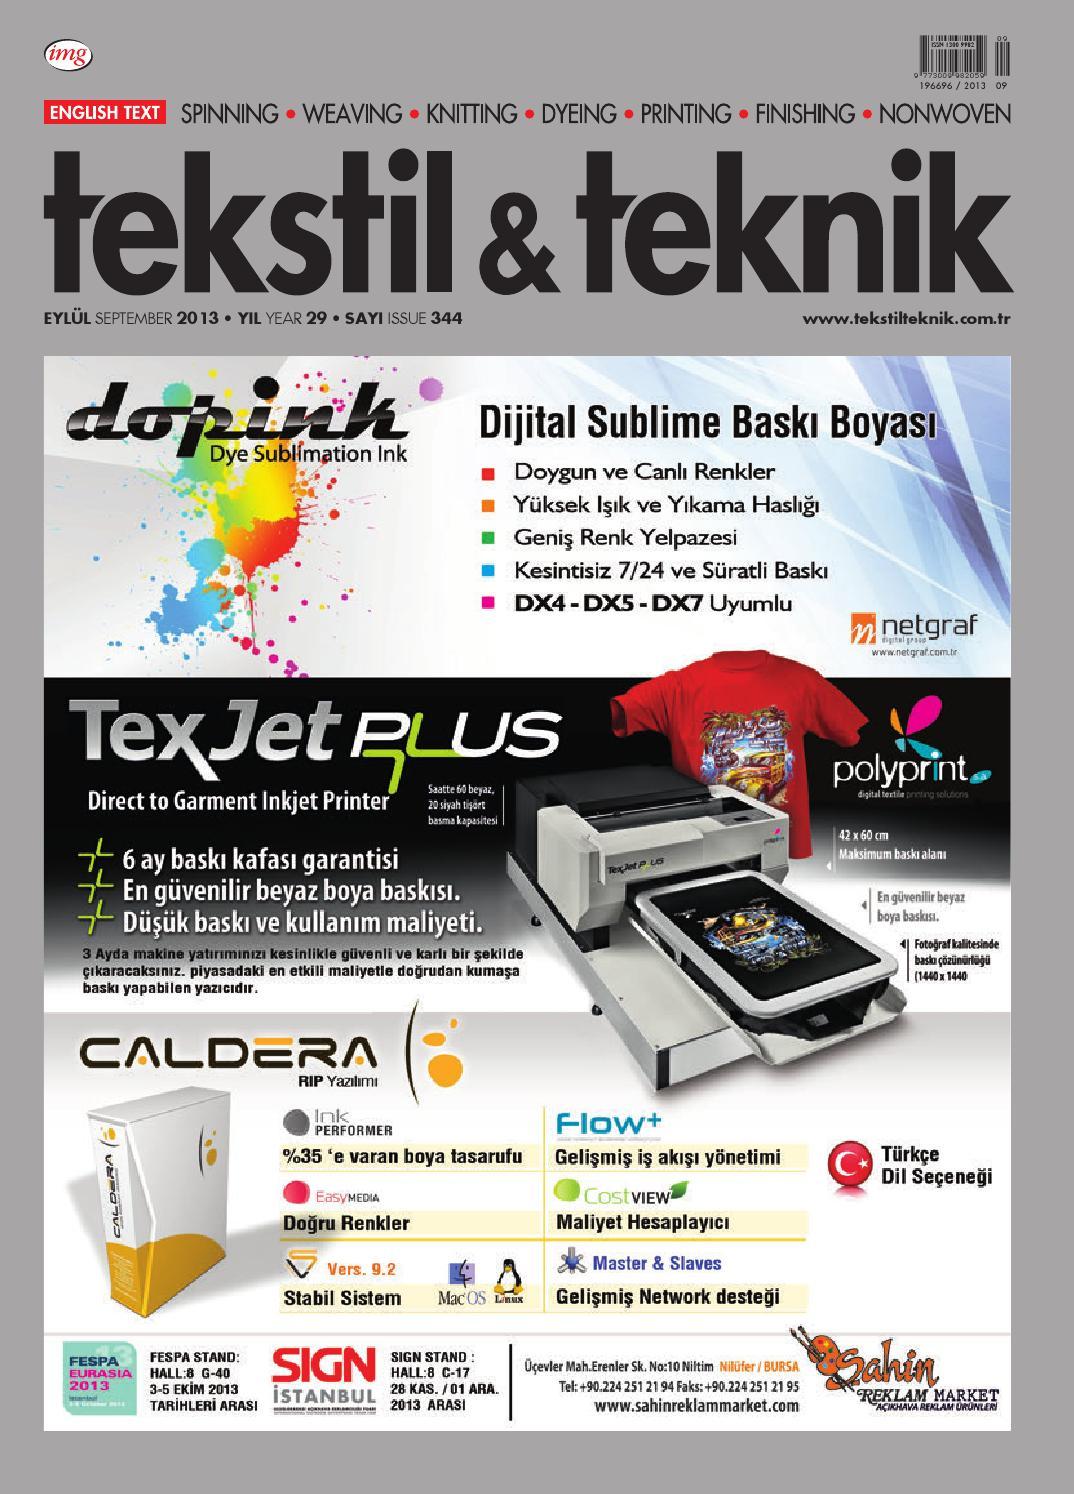 Tekstil Teknik Eylul 13 By Tekstil Teknik Issuu